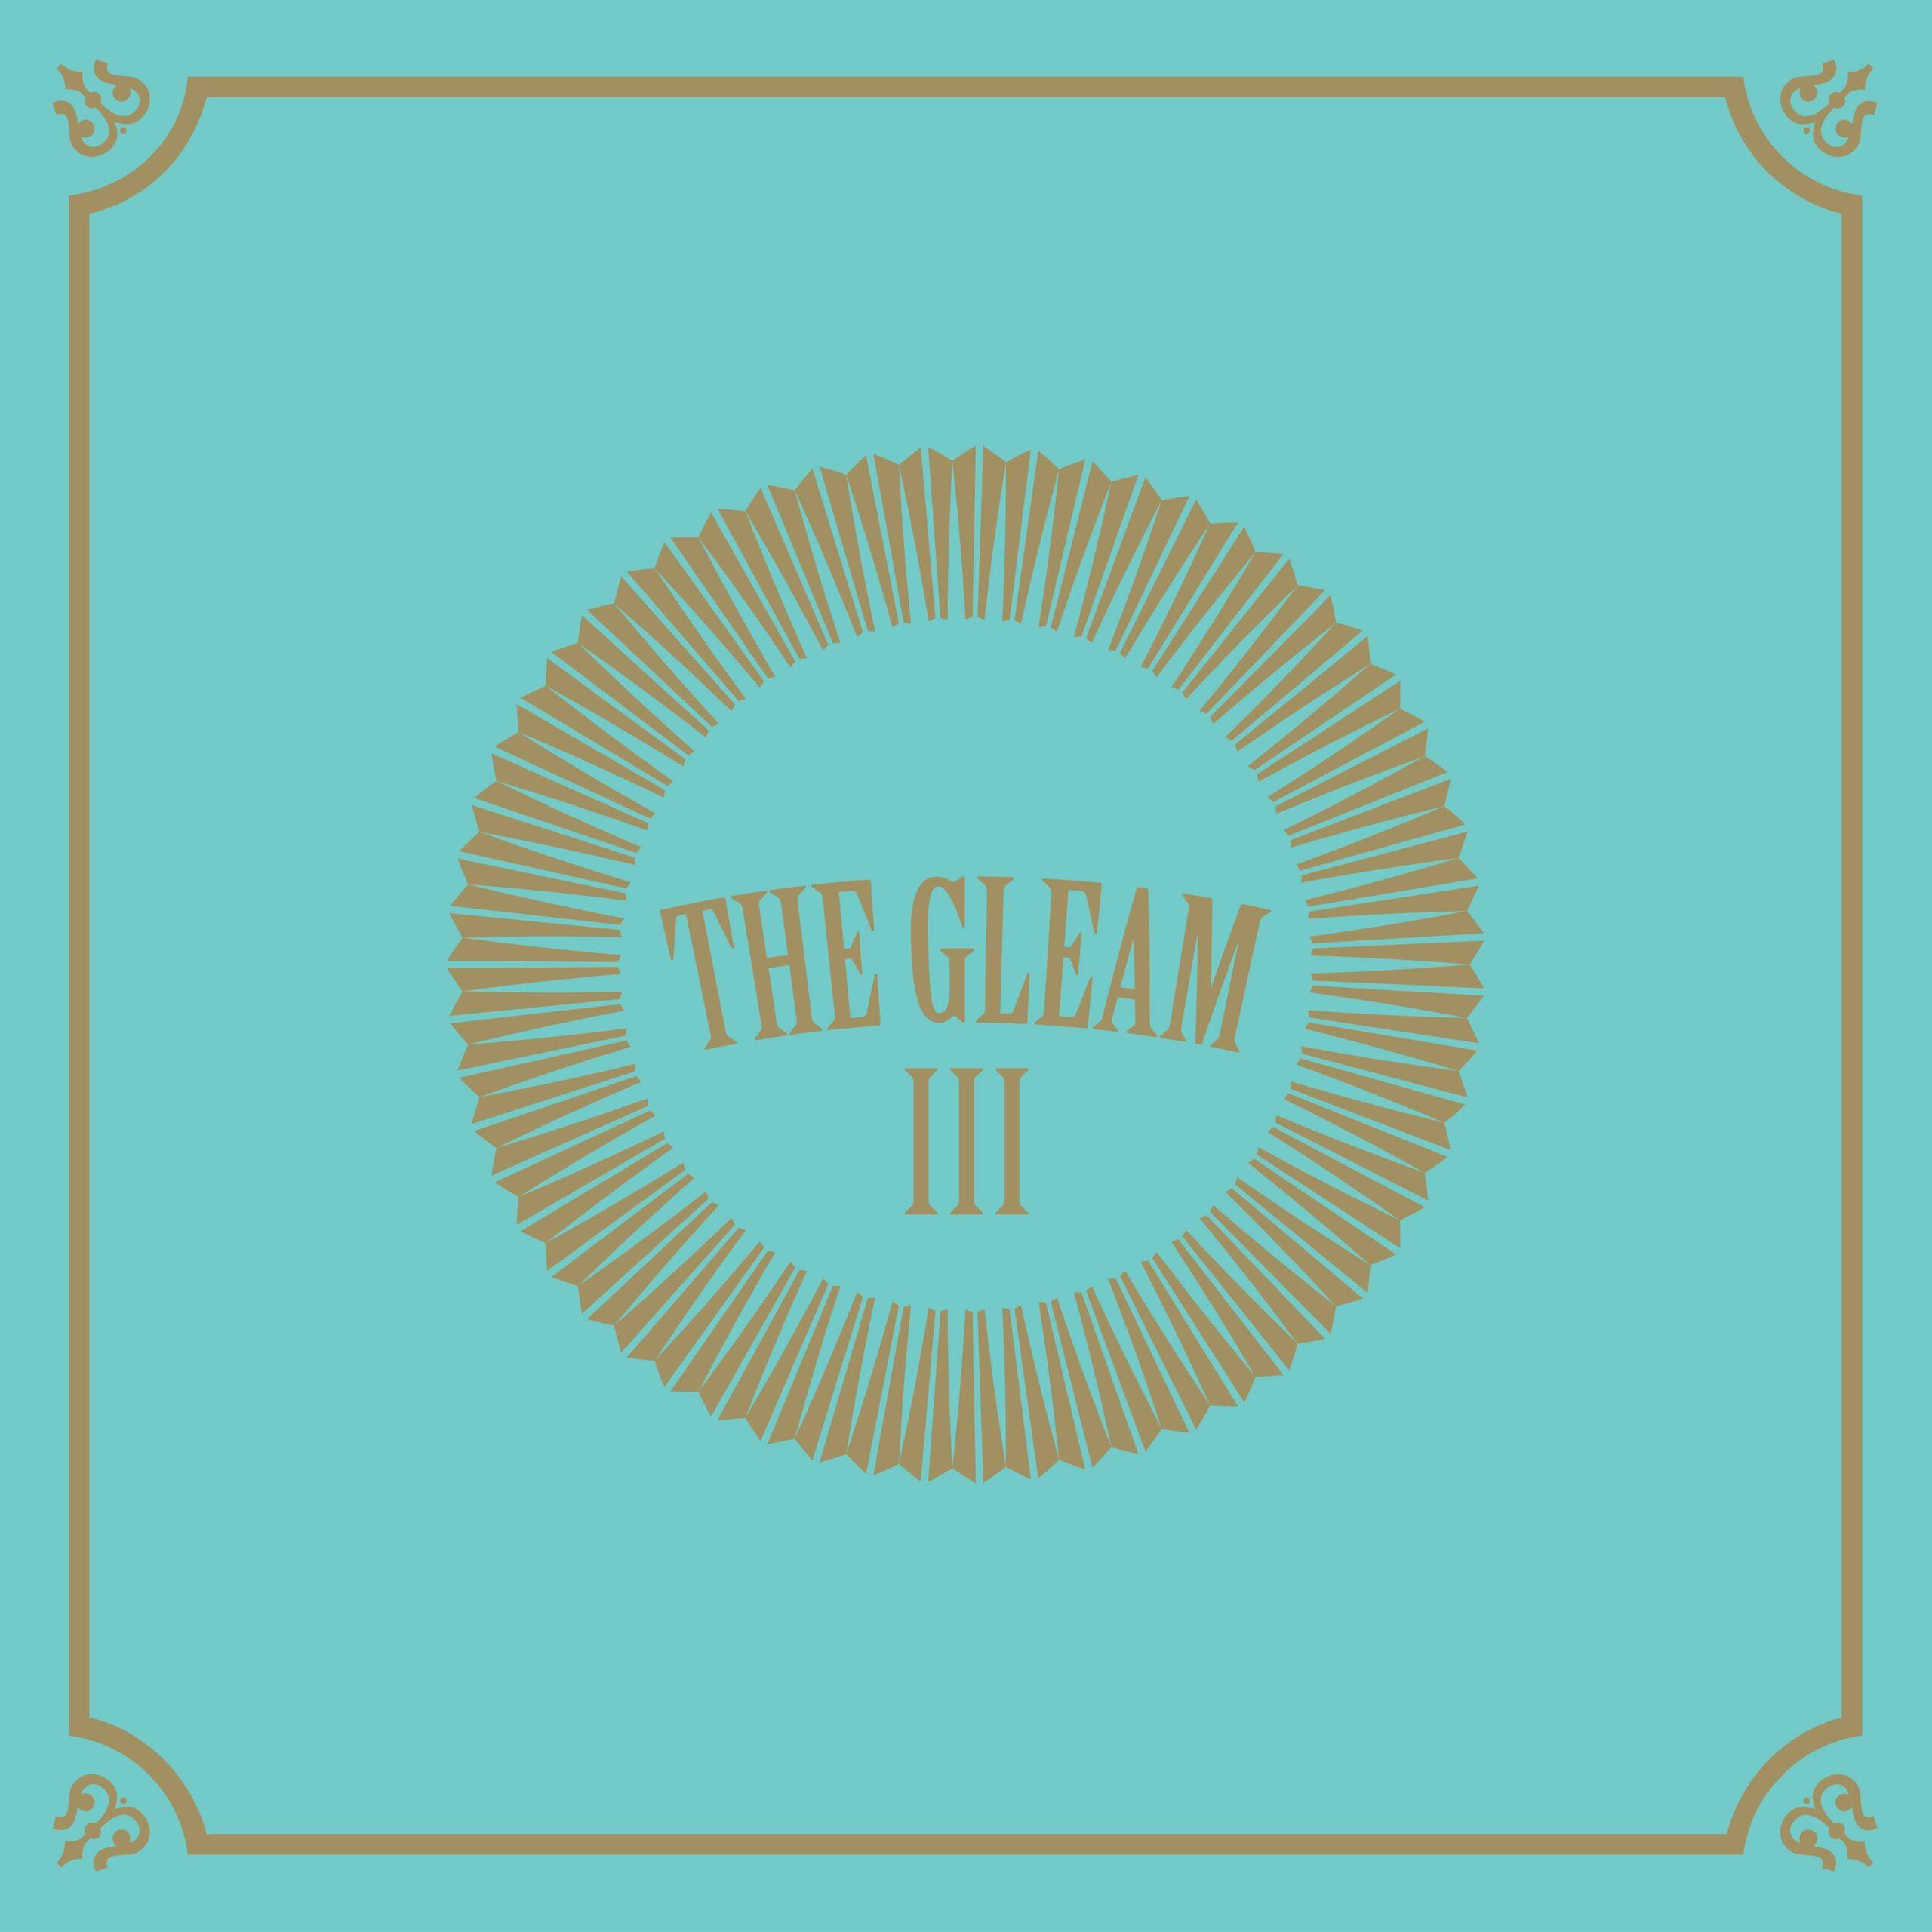 CD: Avett Brothers, The Third Gleam